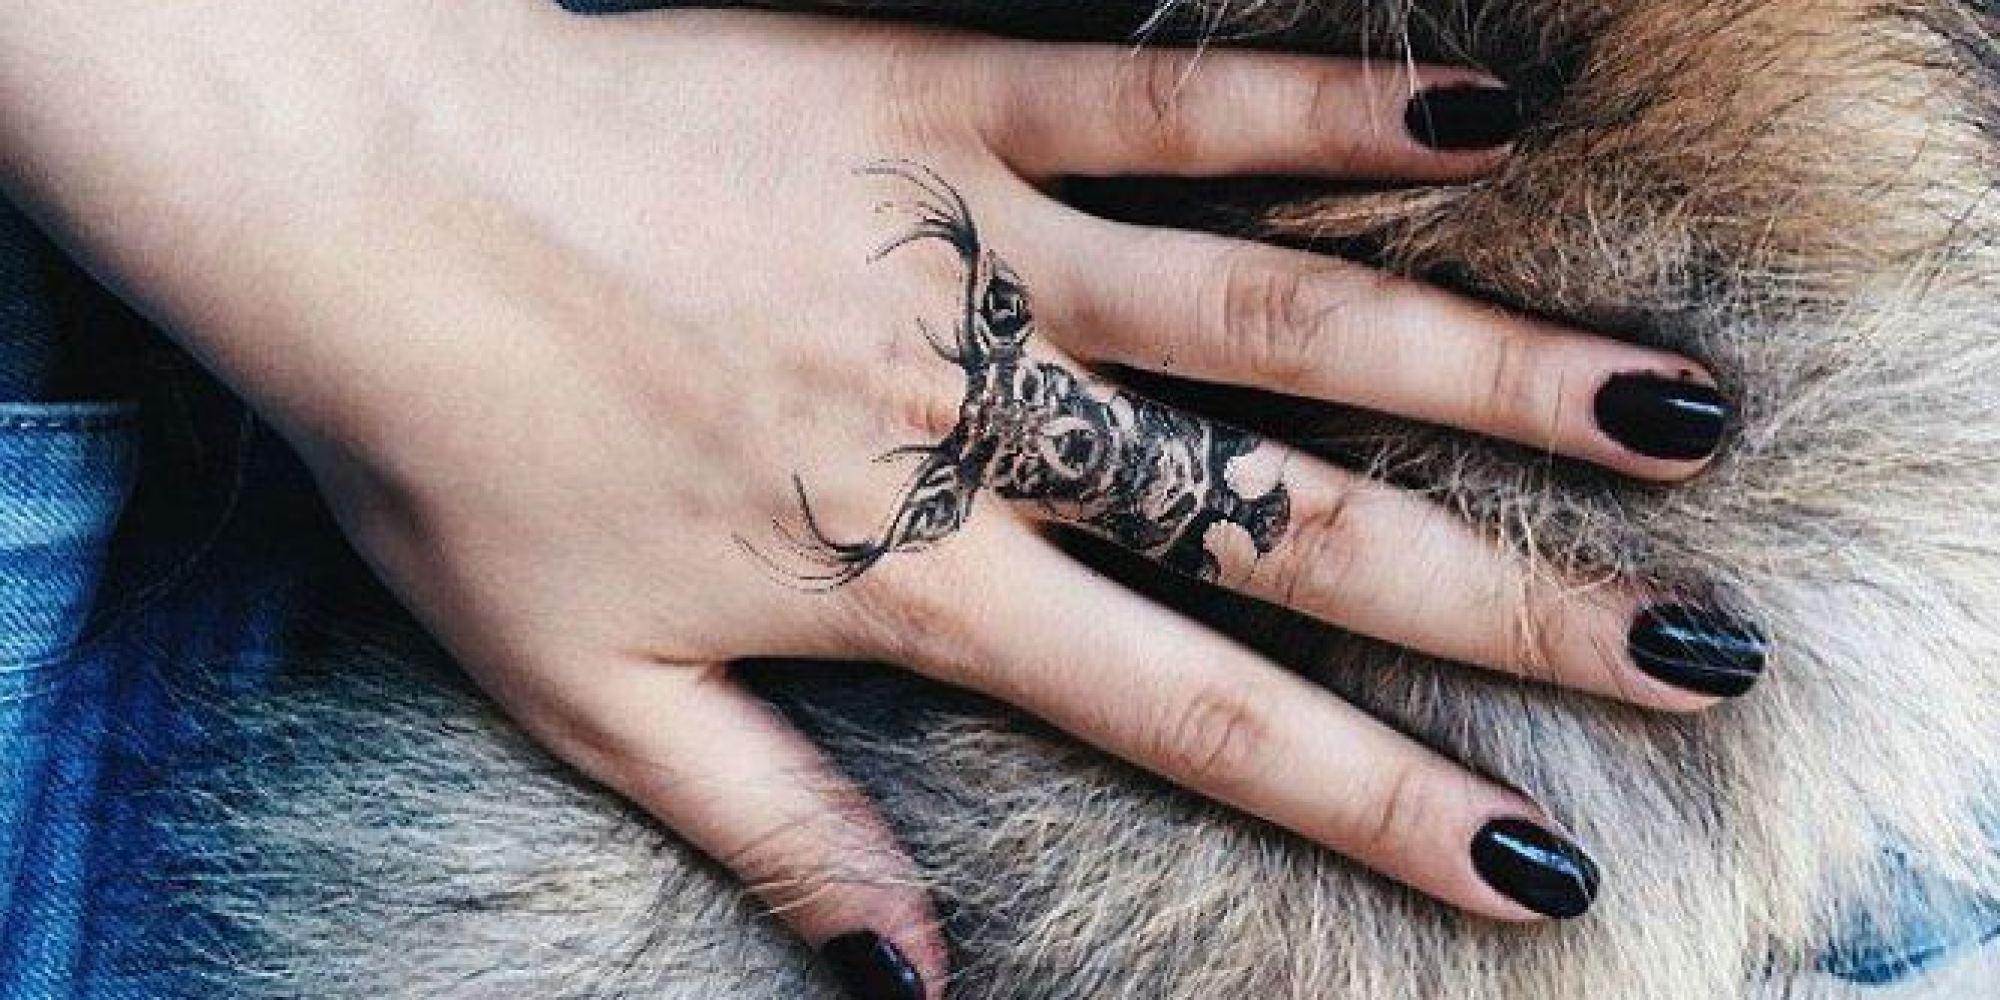 Ink hunter l 39 appli qui permet de tester un tatouage avant de se lancer - Tatouage famille homme ...